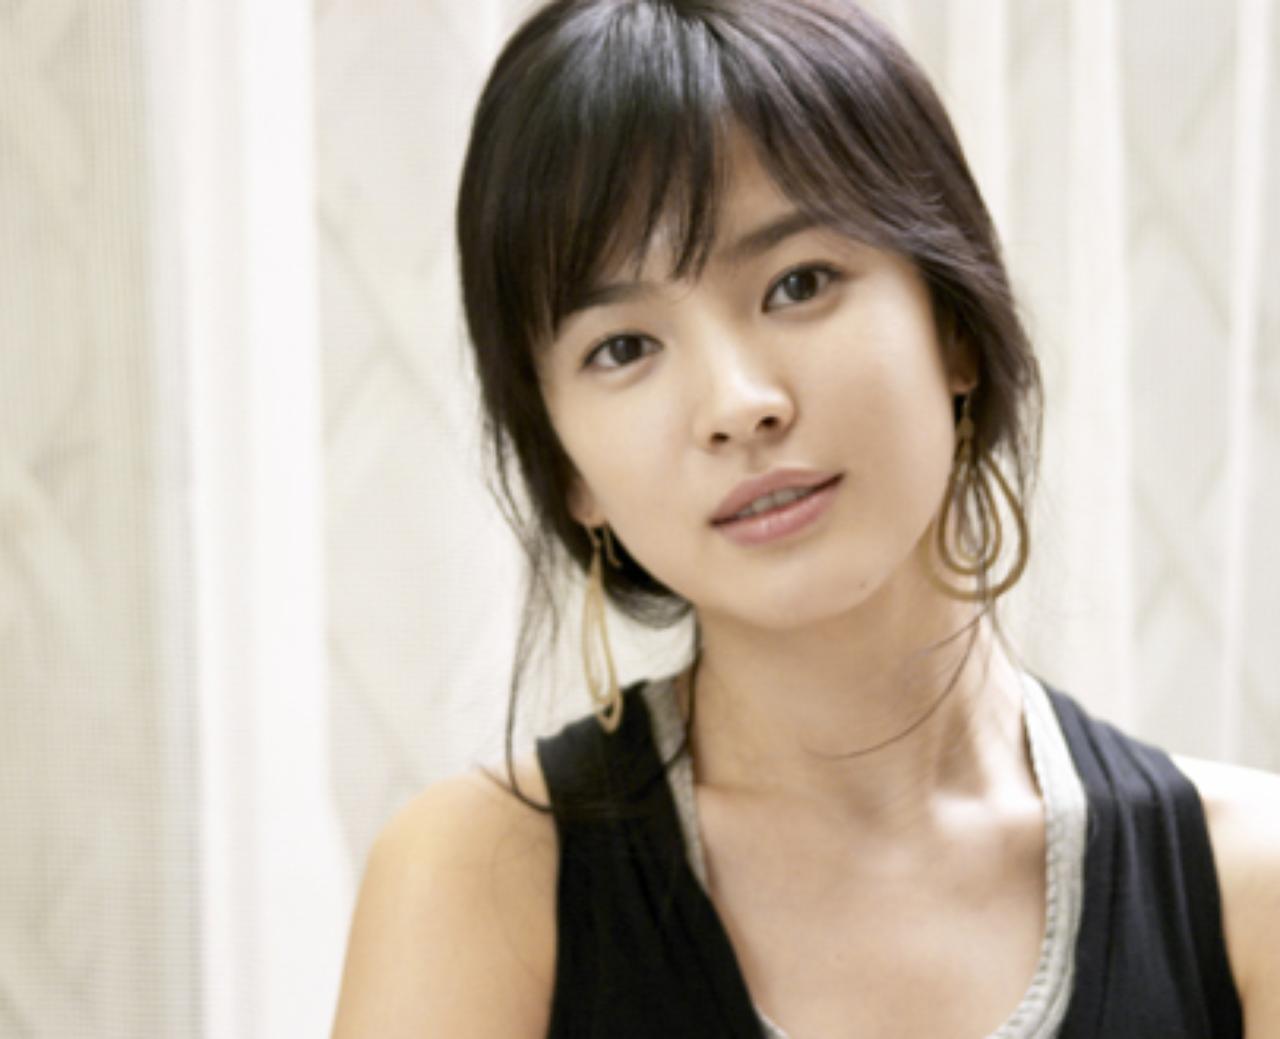 画像: http://saitomo0908.com/asia/7371/